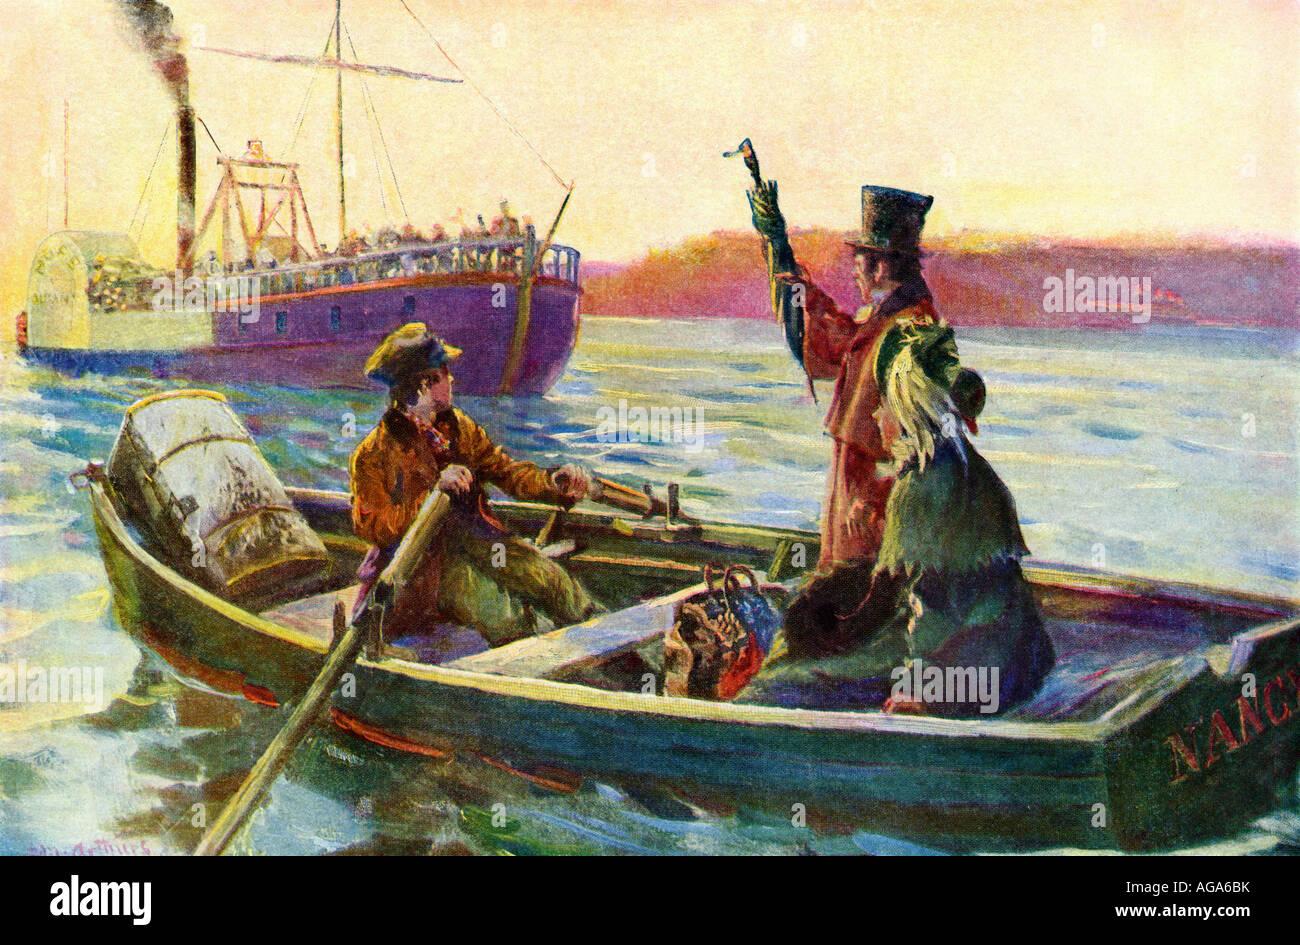 Los pasajeros procedentes de un bote a bordo de una barca de remos en medio del torrente a principios de 1800. Semitono Imagen De Stock